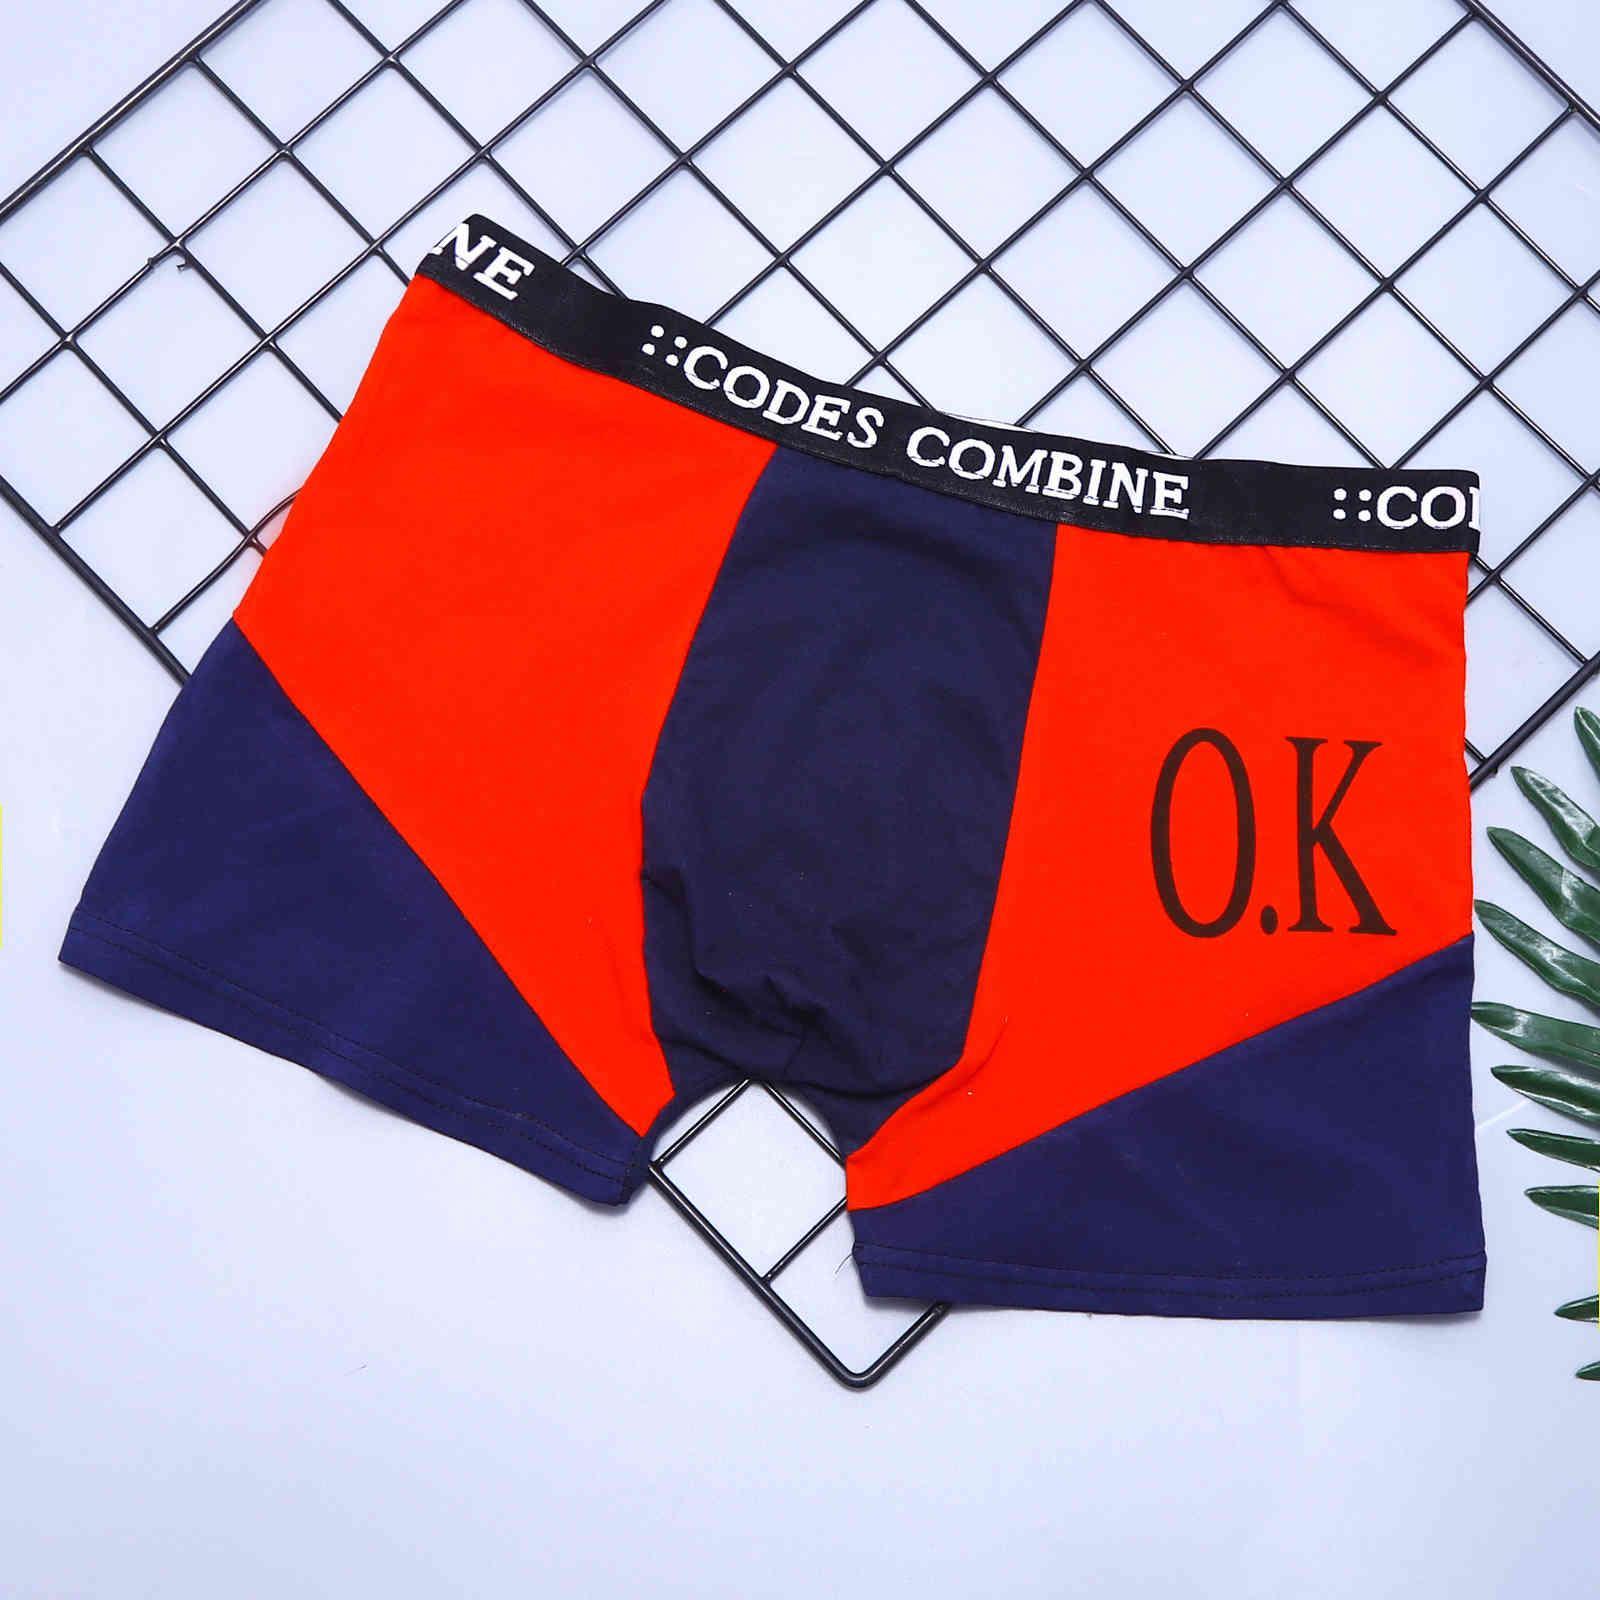 Sous-vêtements sous-vêtements masculins de coton modal en coton LOOST Letter Pants Pants Top Youth Respirant Taille moyenne